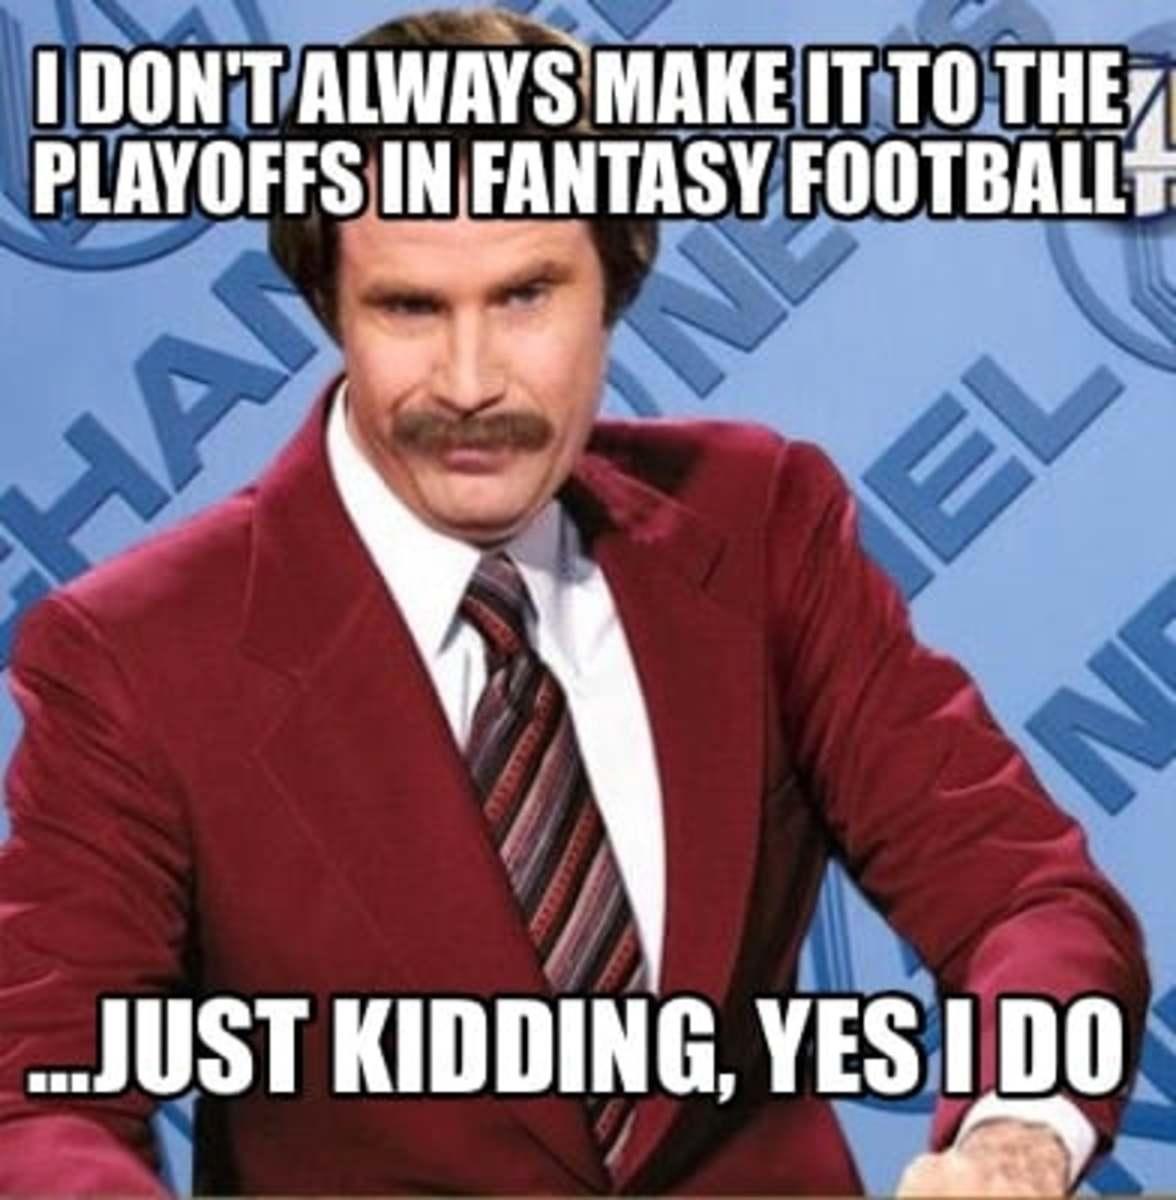 Fantasy Football Trash Talk Memes